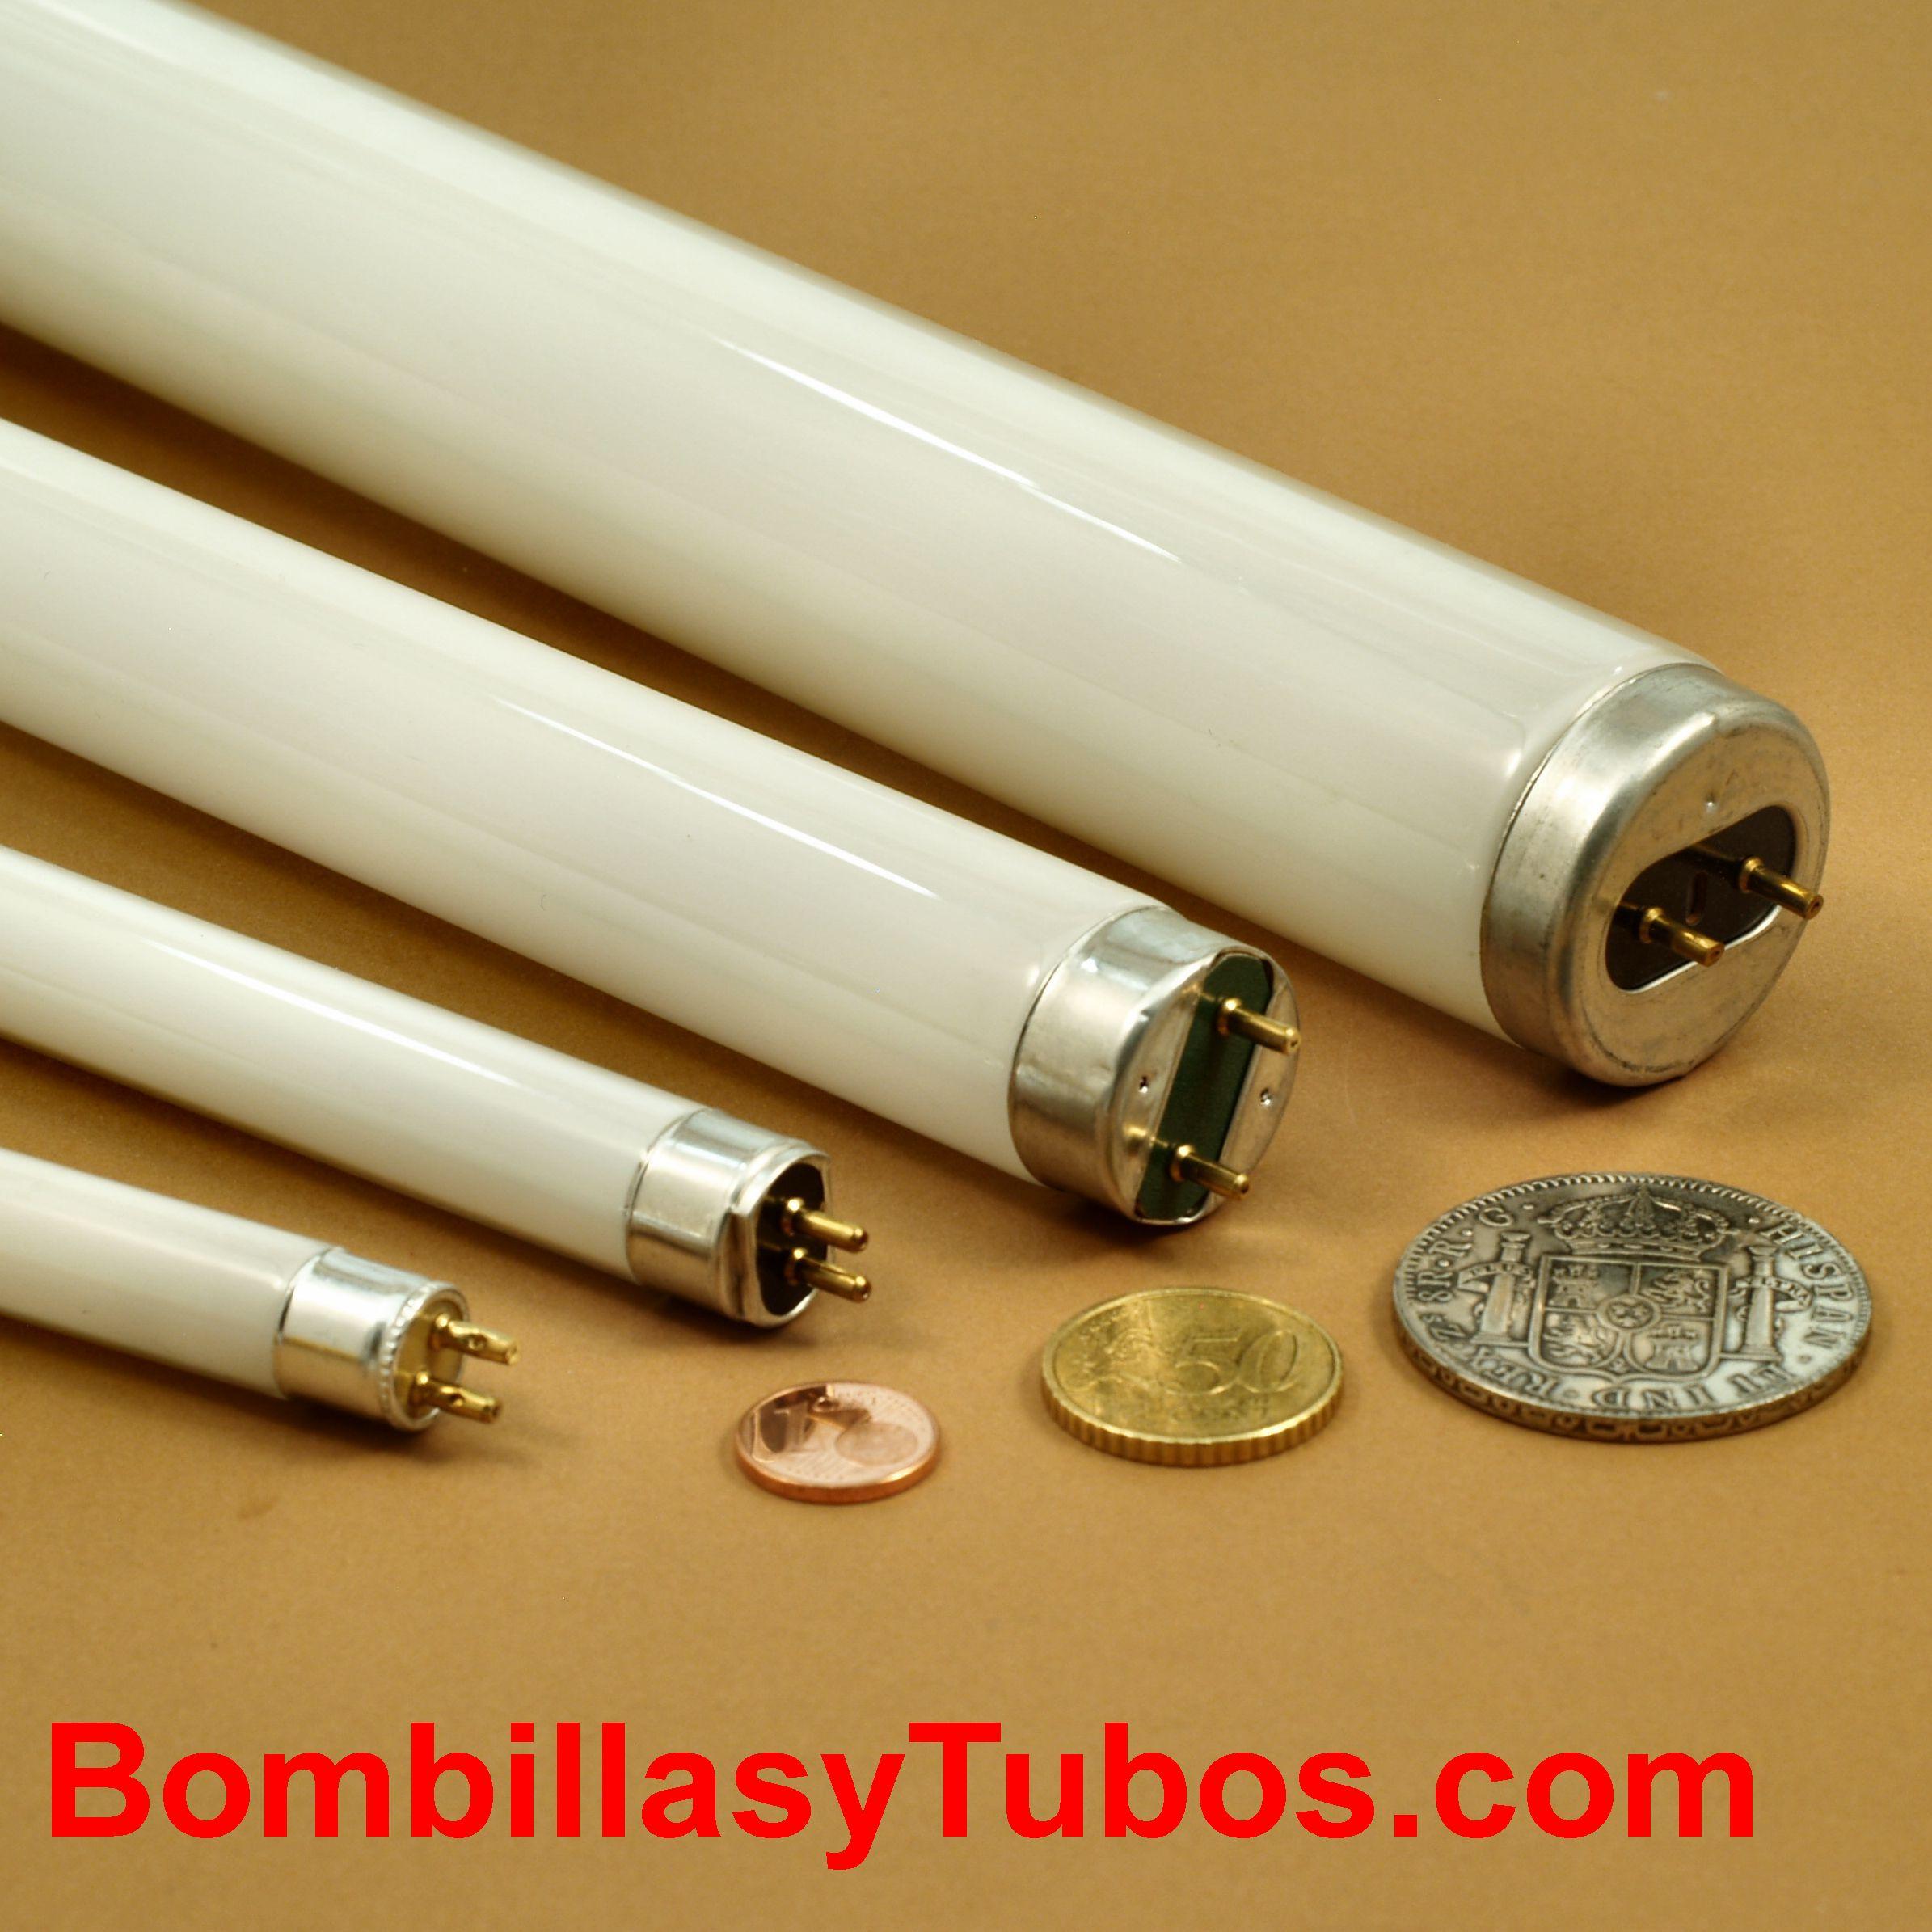 Tamaños y formatos de los tubos fluorescentes. T4, T5, T8